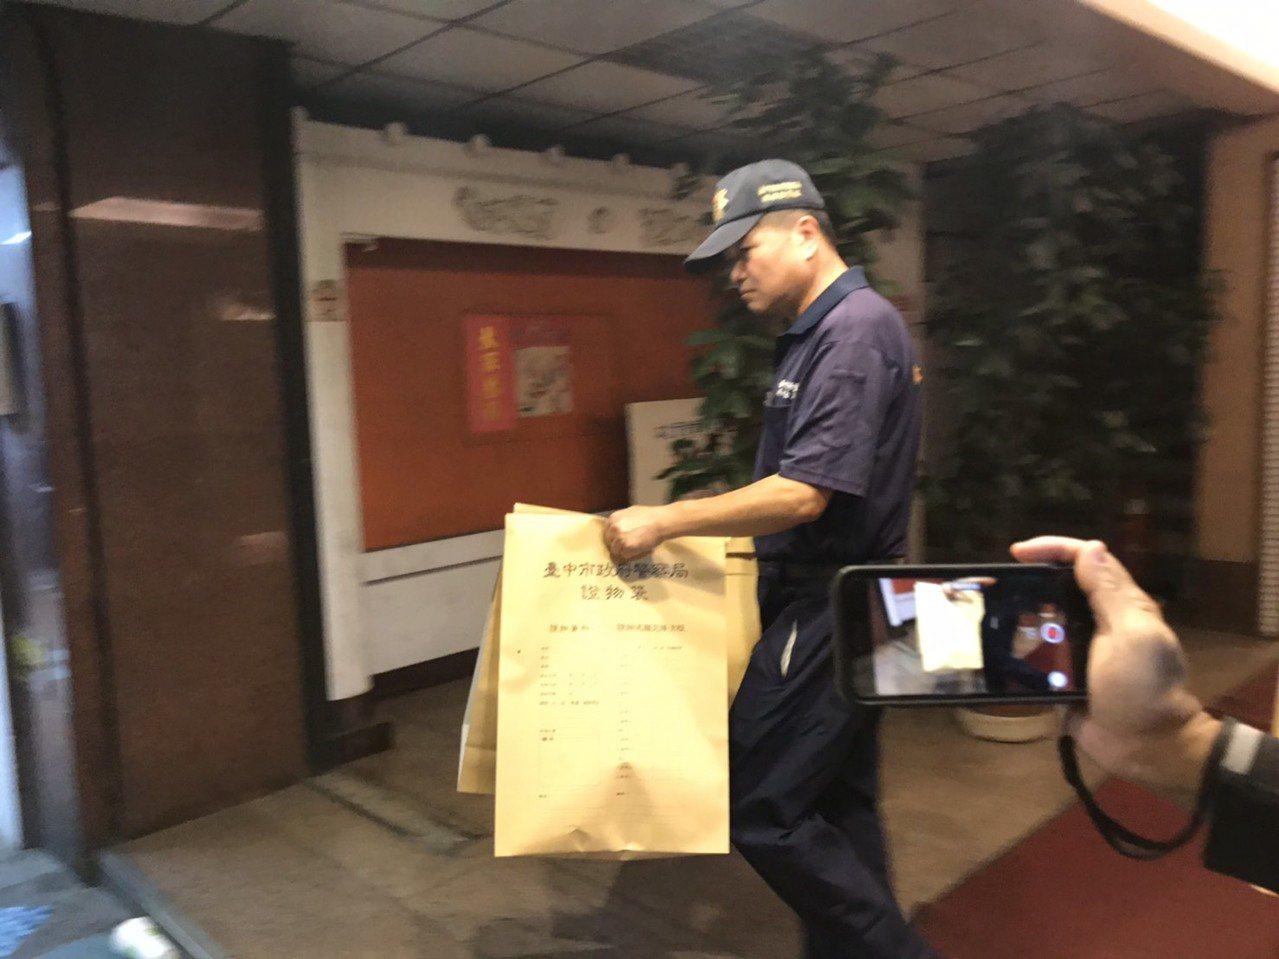 台中一處套房今晚傳出棉被裹屍命案,警方確認現場共一大兩小、3具屍體,台中市警察局...